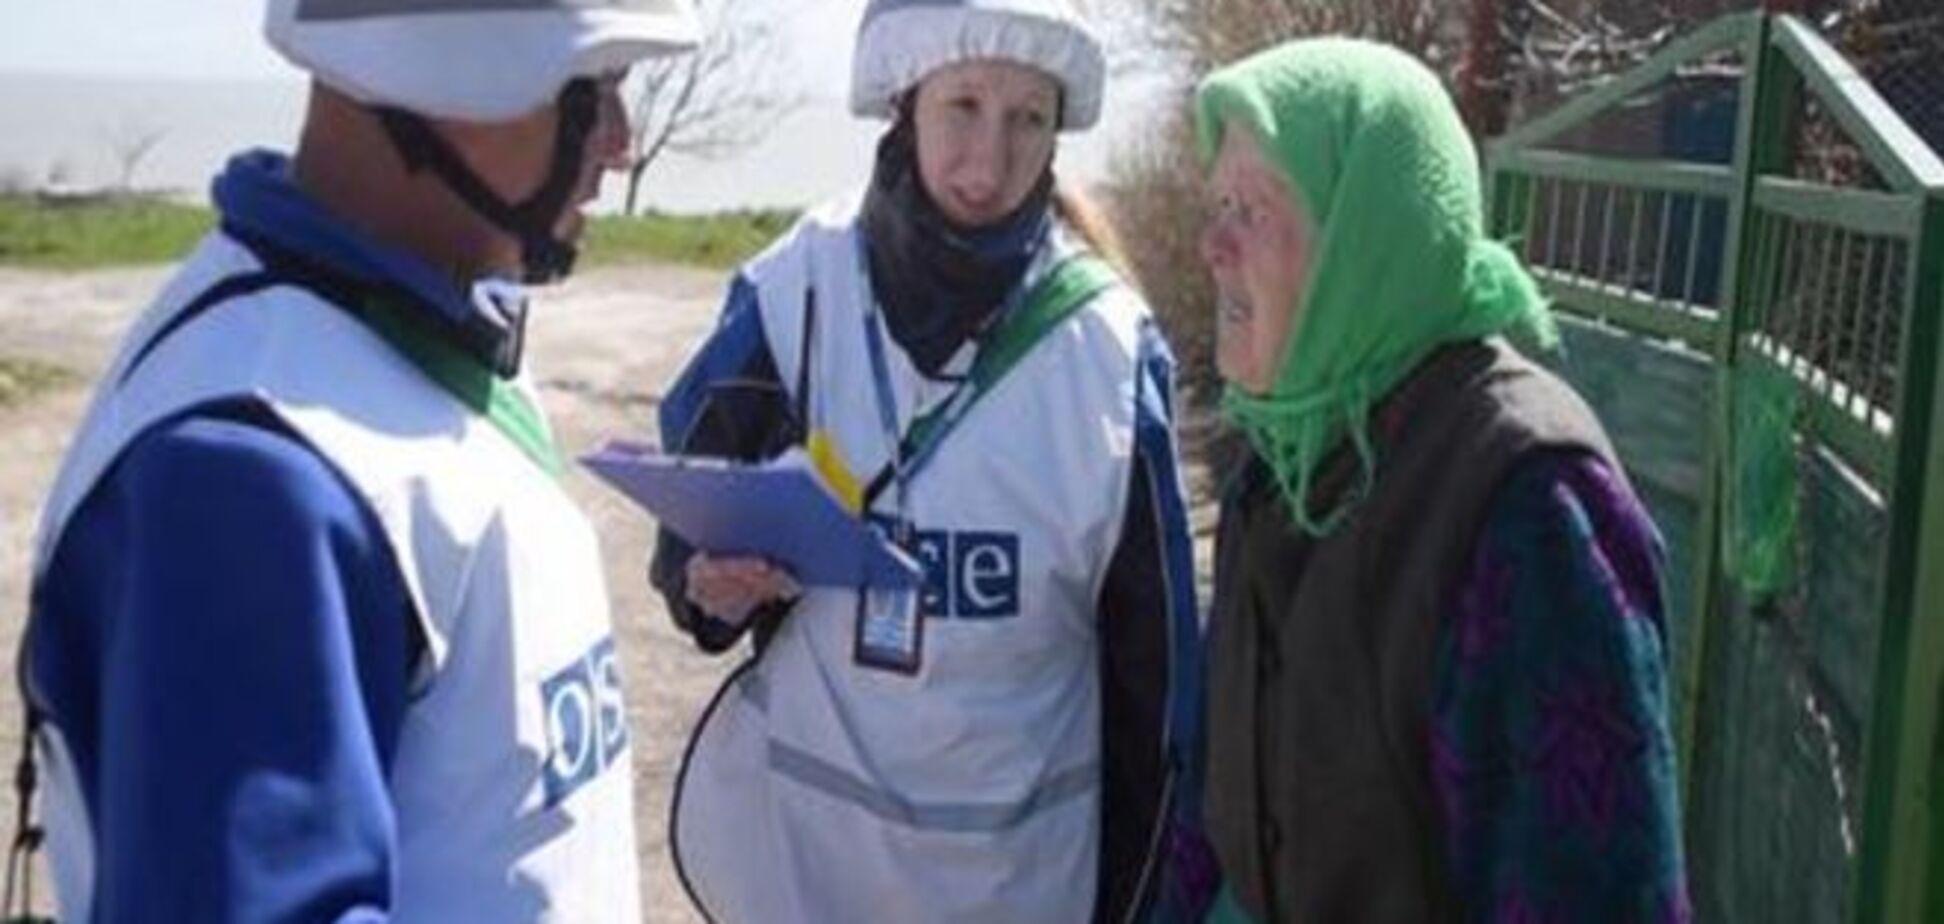 Глава ОБСЄ: Кількість спостерігачів місії може збільшитись до тисячі